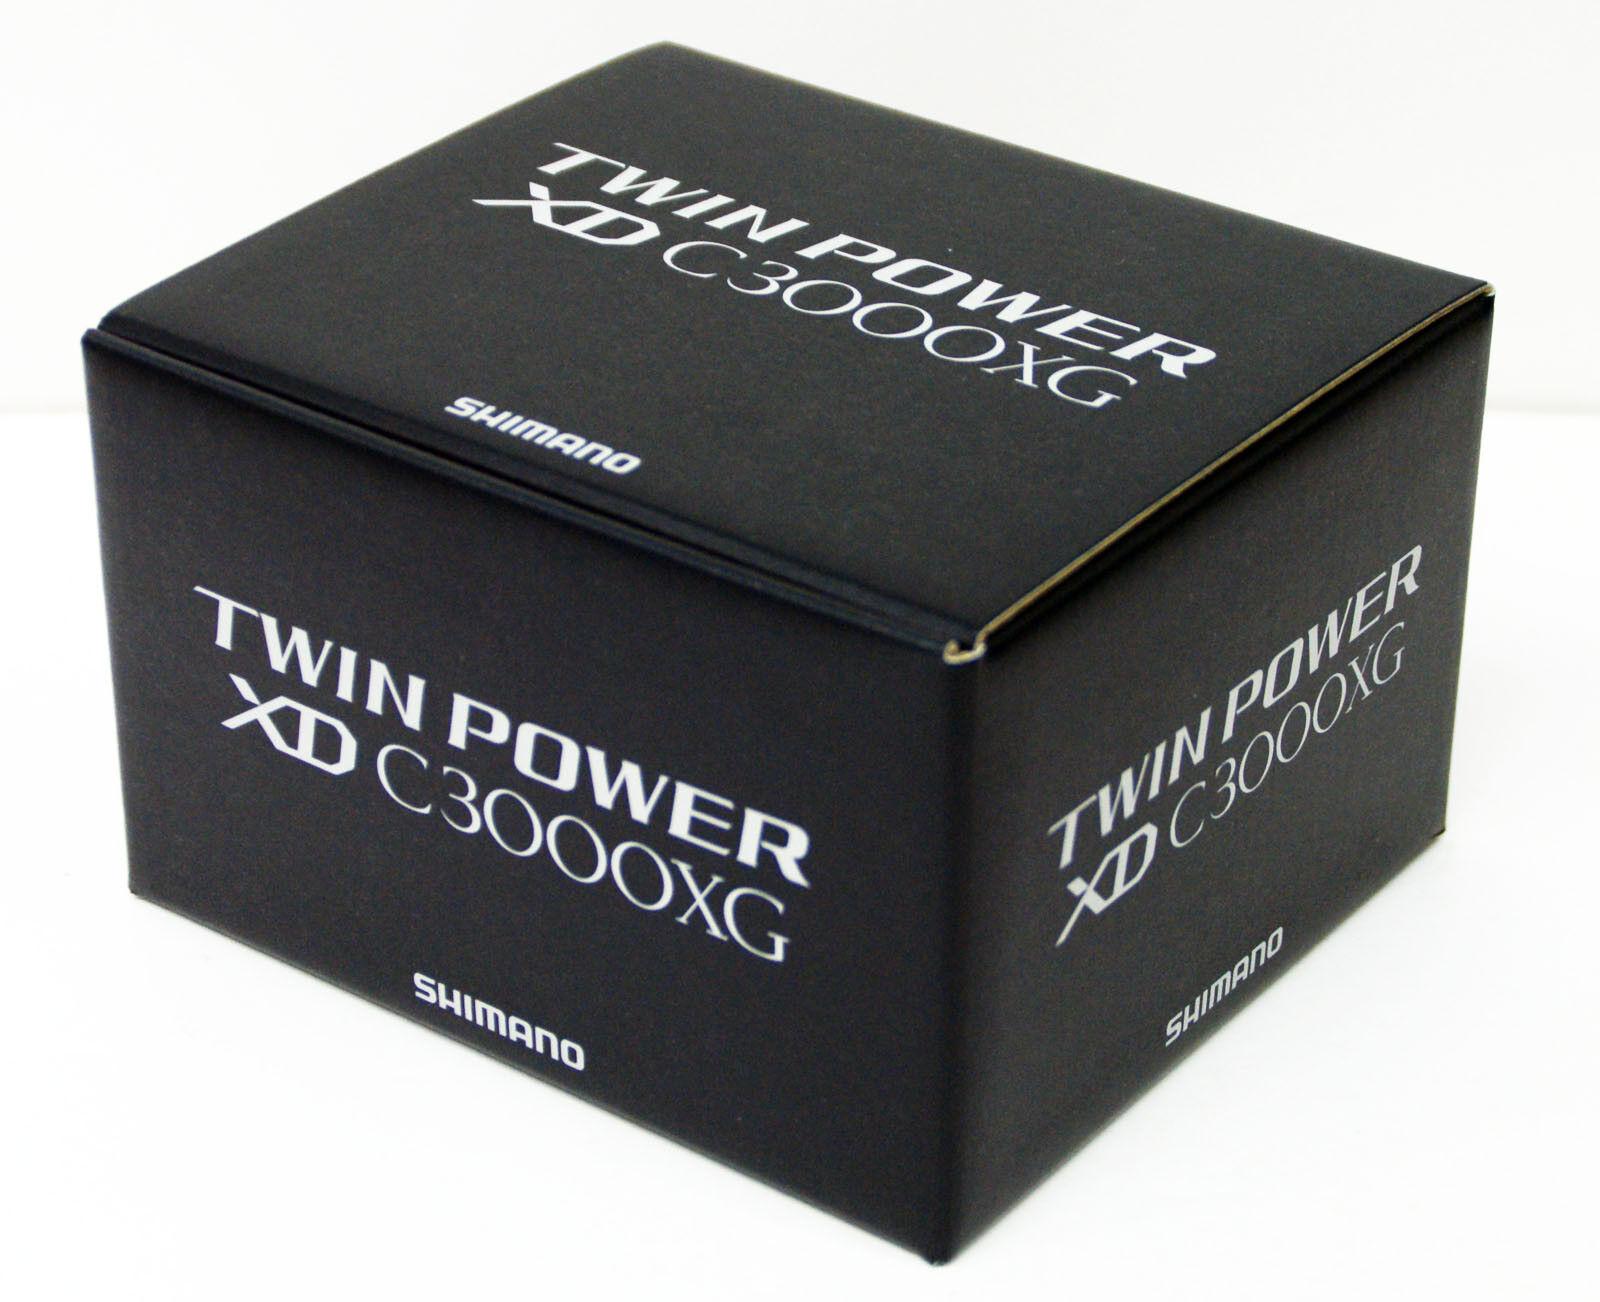 Shimano 17 doppio Power Xd C300XG Mulinello da Spinning 496363037466